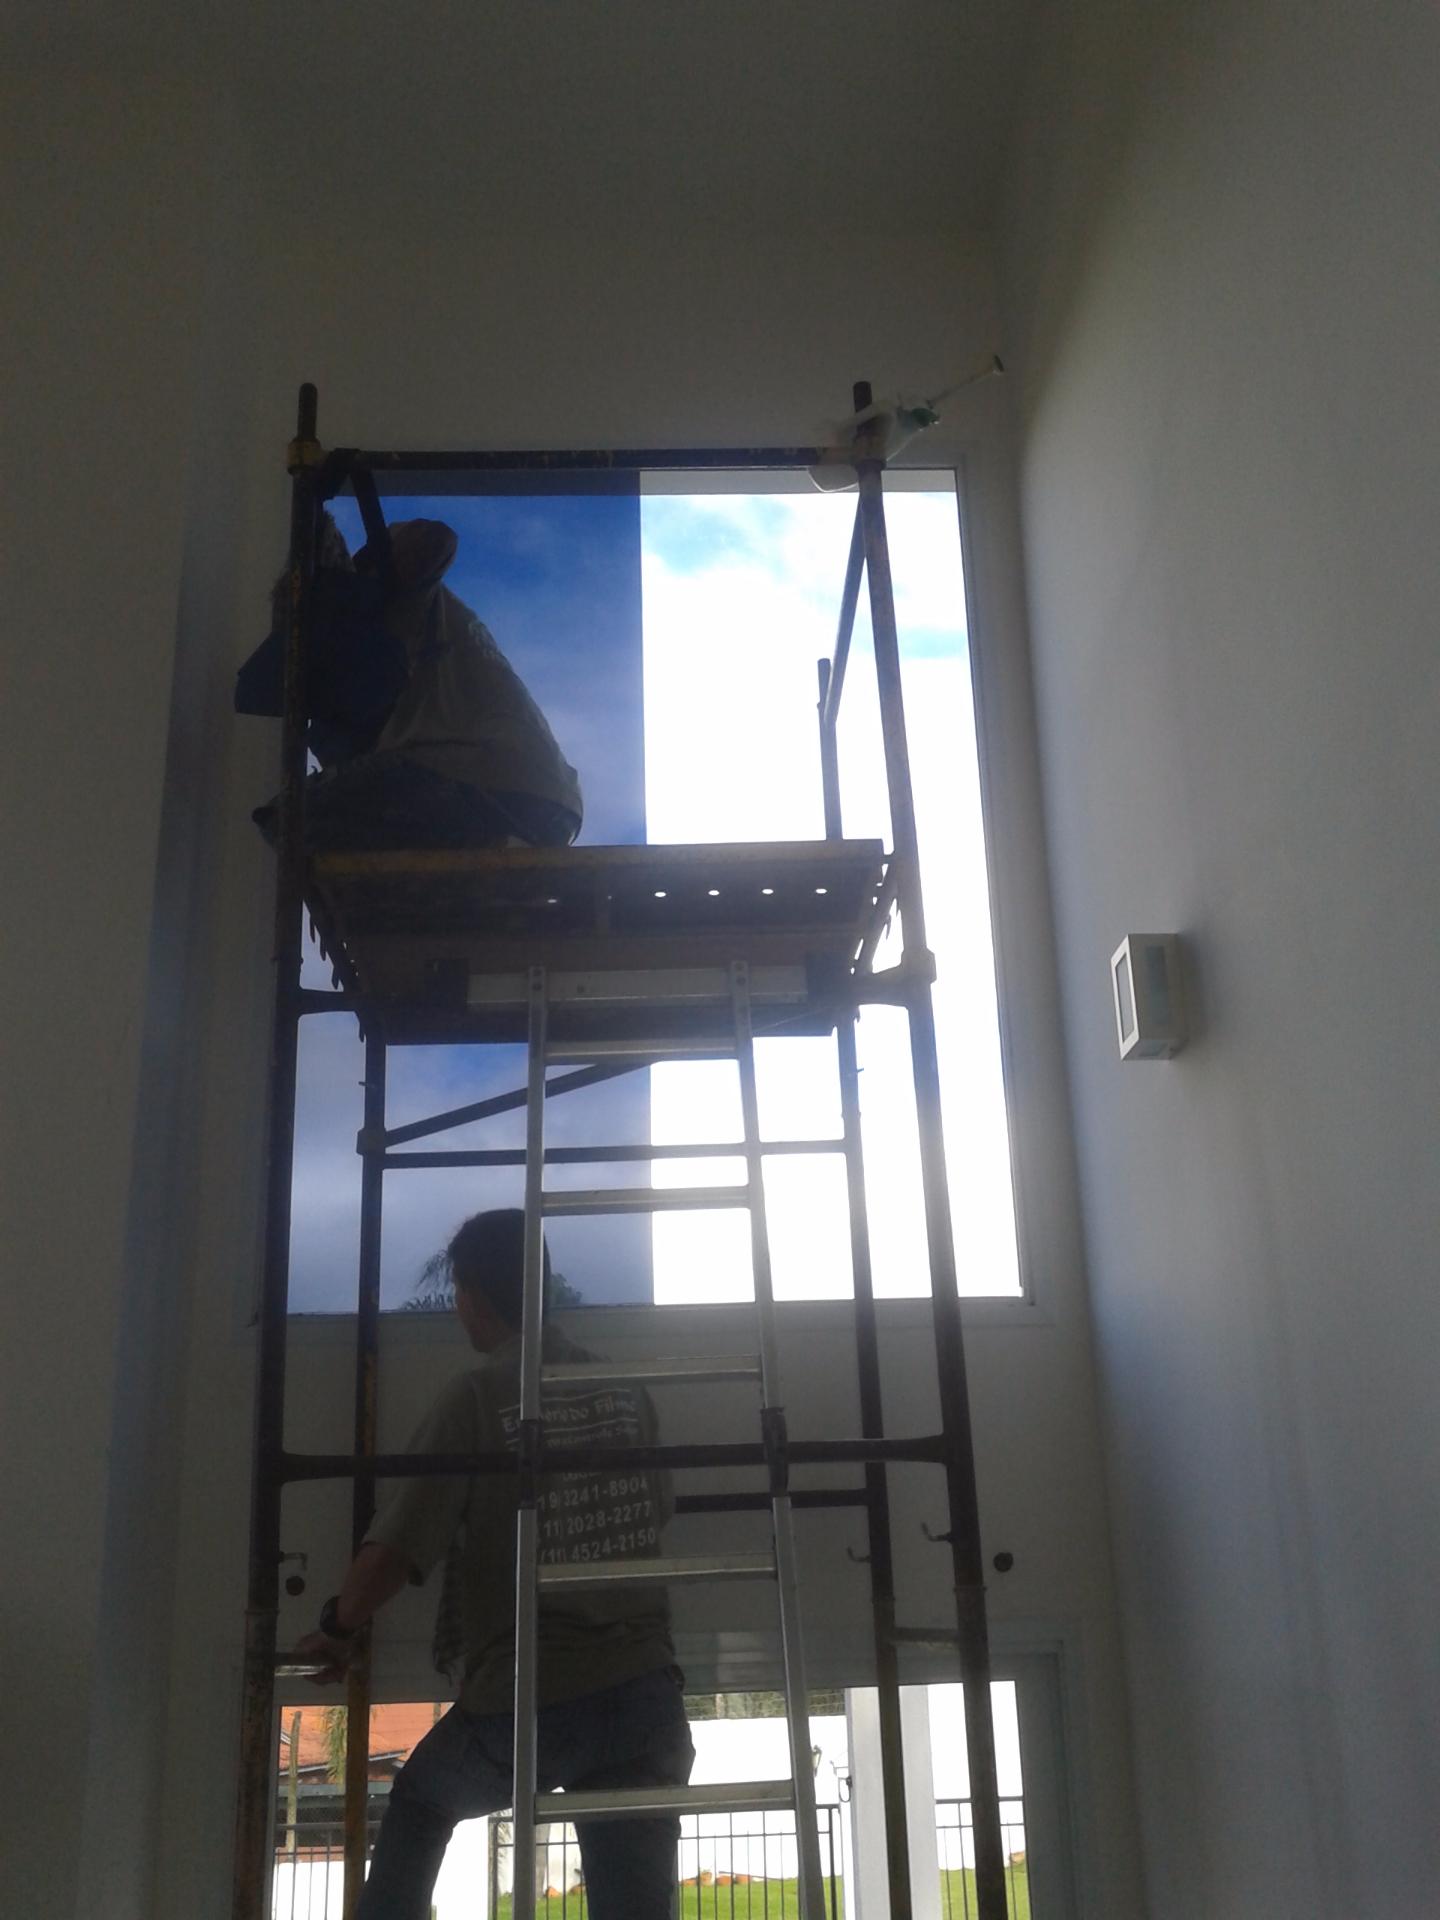 Trabalho com andaime utilizando equipamentos de segurança adequados para o trabalho